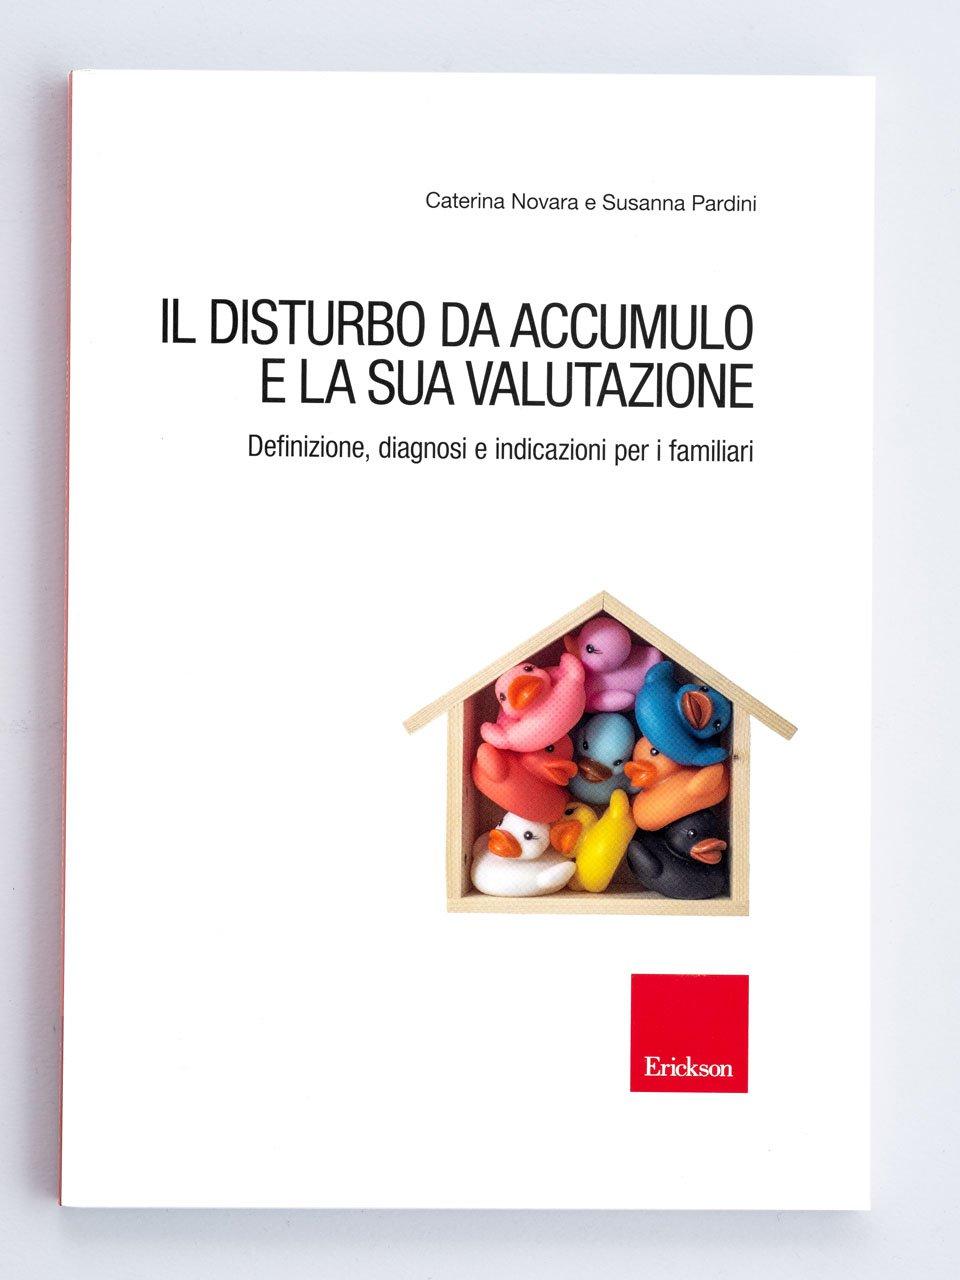 Il disturbo da accumulo e la sua valutazione - Libri - Erickson